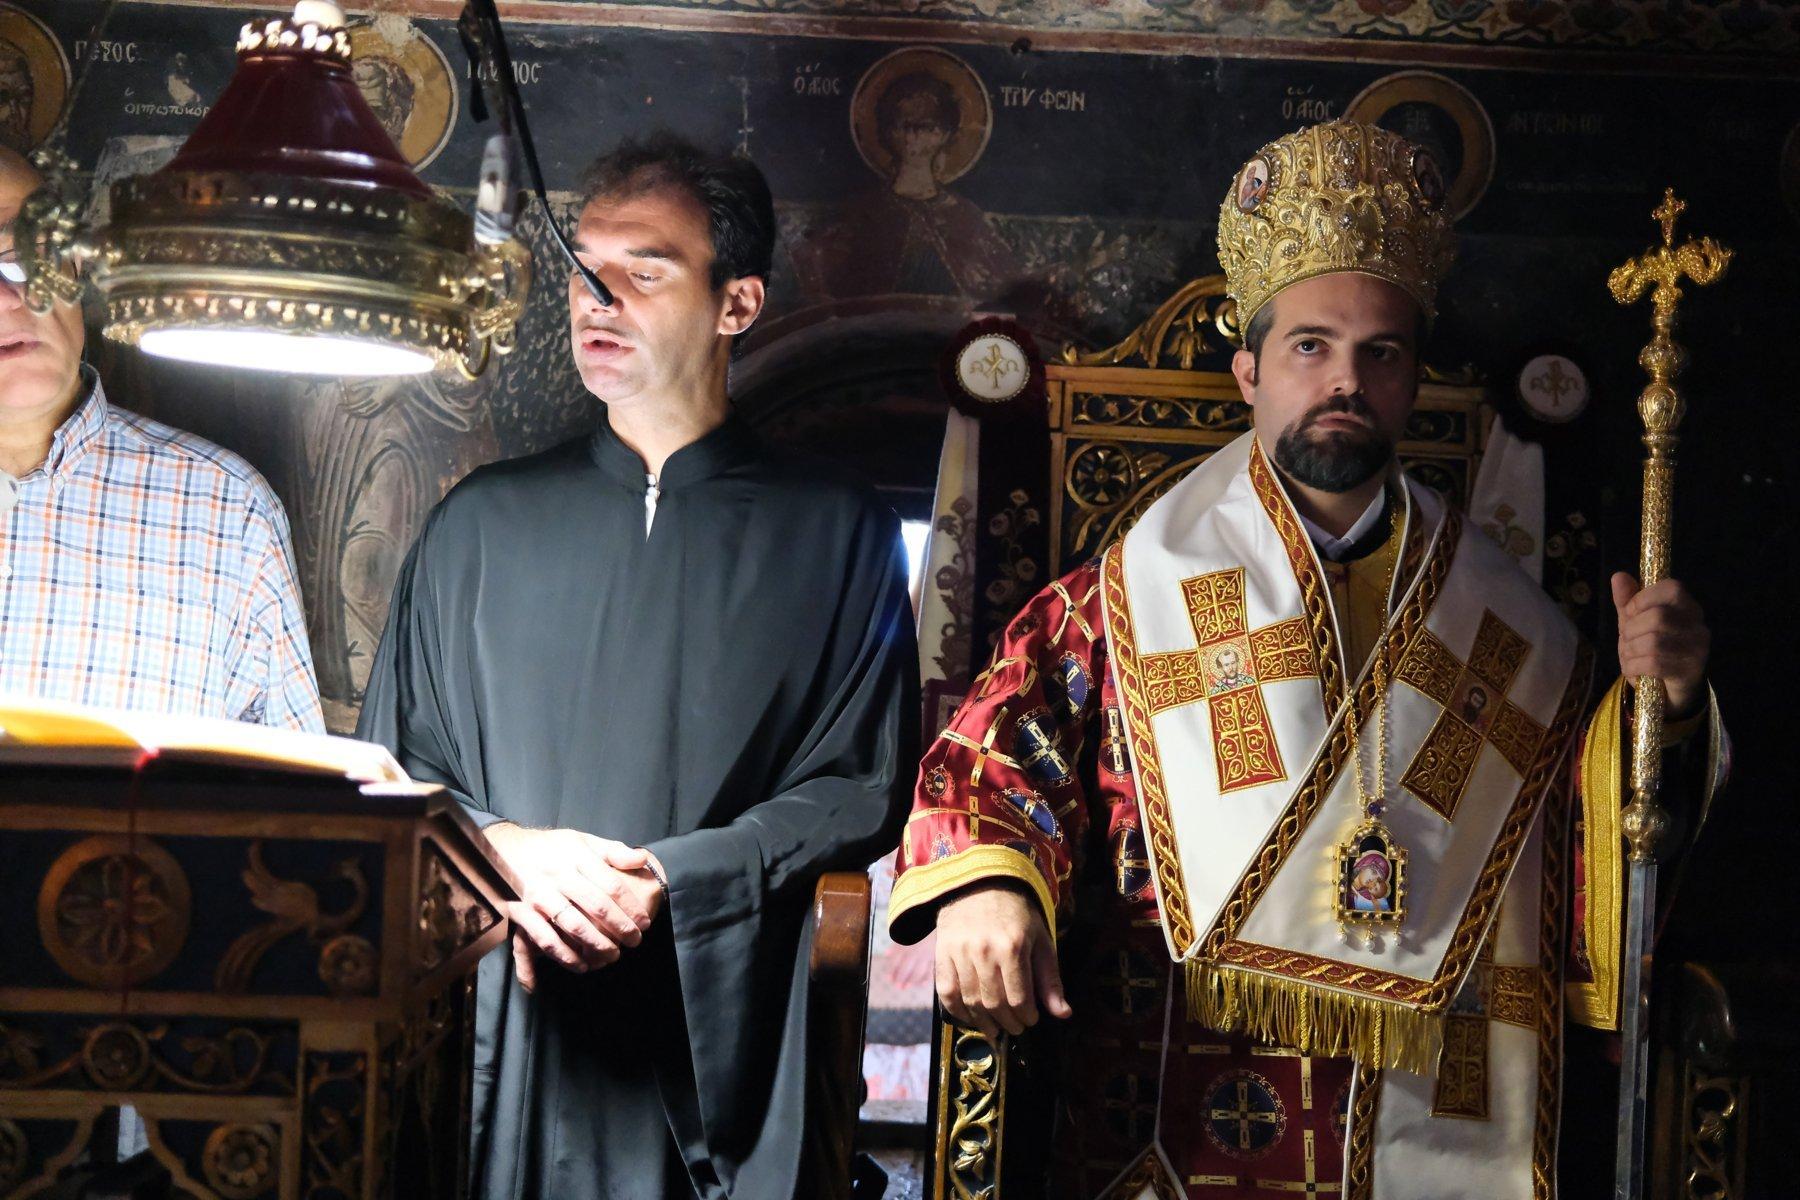 DSCF7781  - Ο Επίσκοπος Μελιτηνής στην Ι. Μονή Παναγίας Πελεκητής